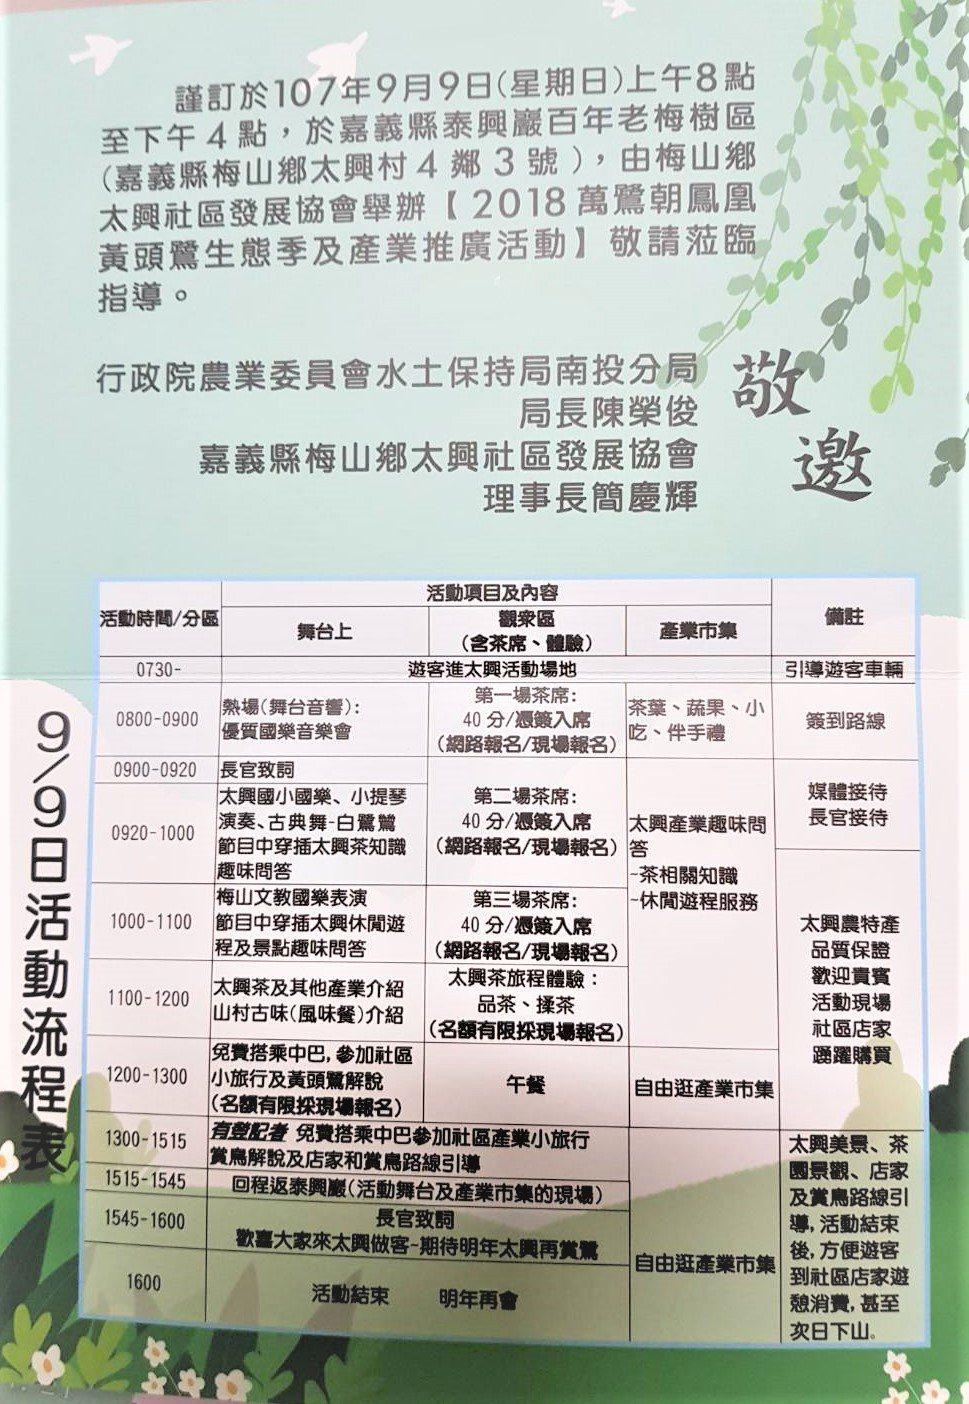 9月9日太興社區發展協會將舉辦黃頭鷺生態導覽及揉茶、品茶活動,現場還有60個名額...